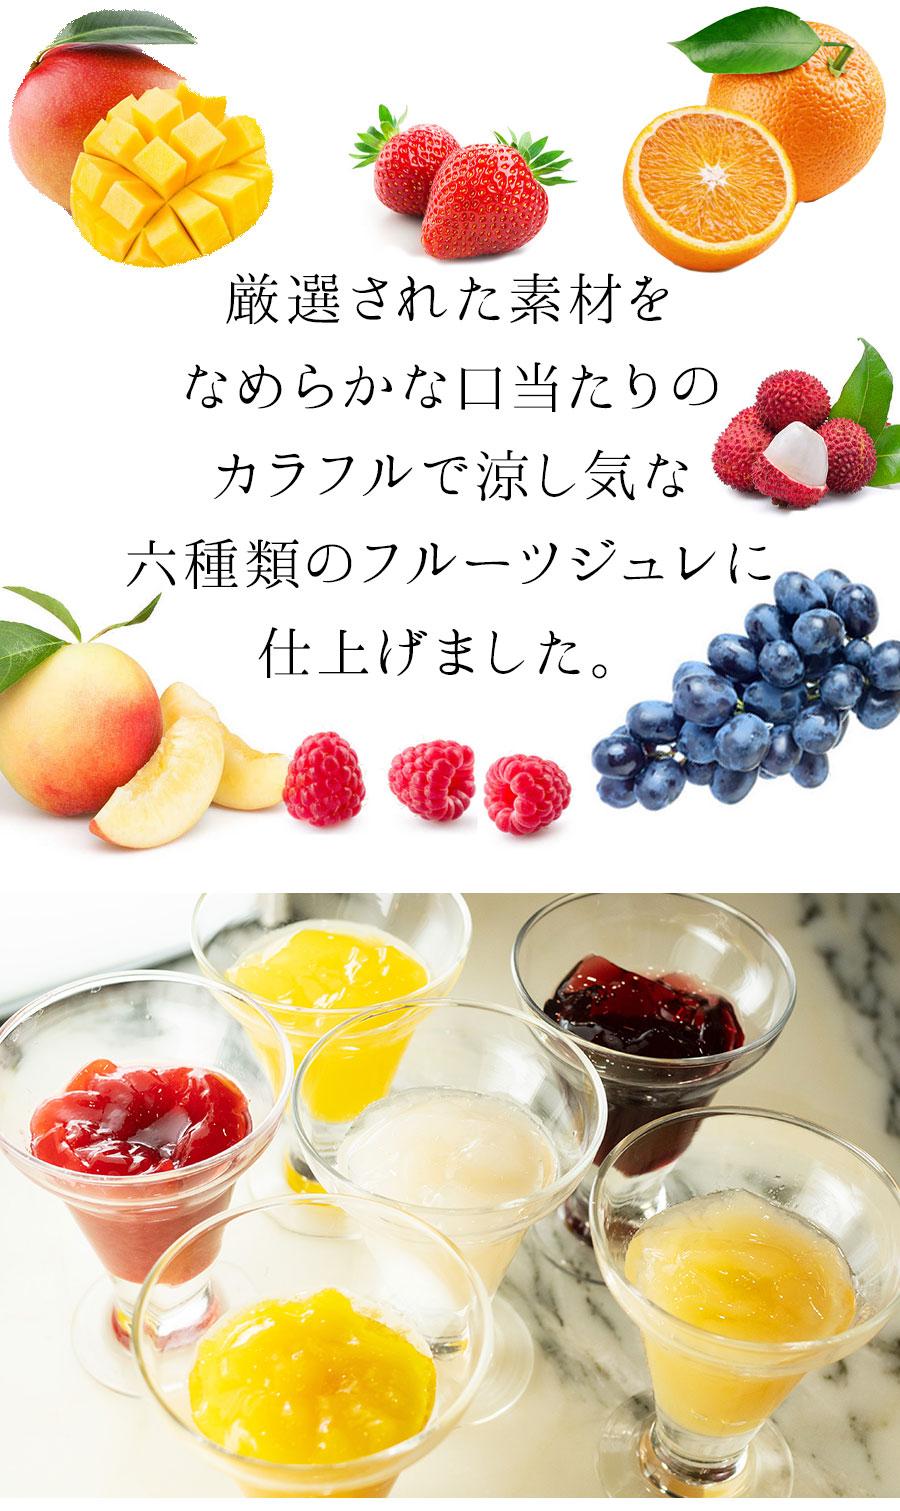 異なる芳醇な2種類のみずみずしい果実を特製のジュレパックで一つに。